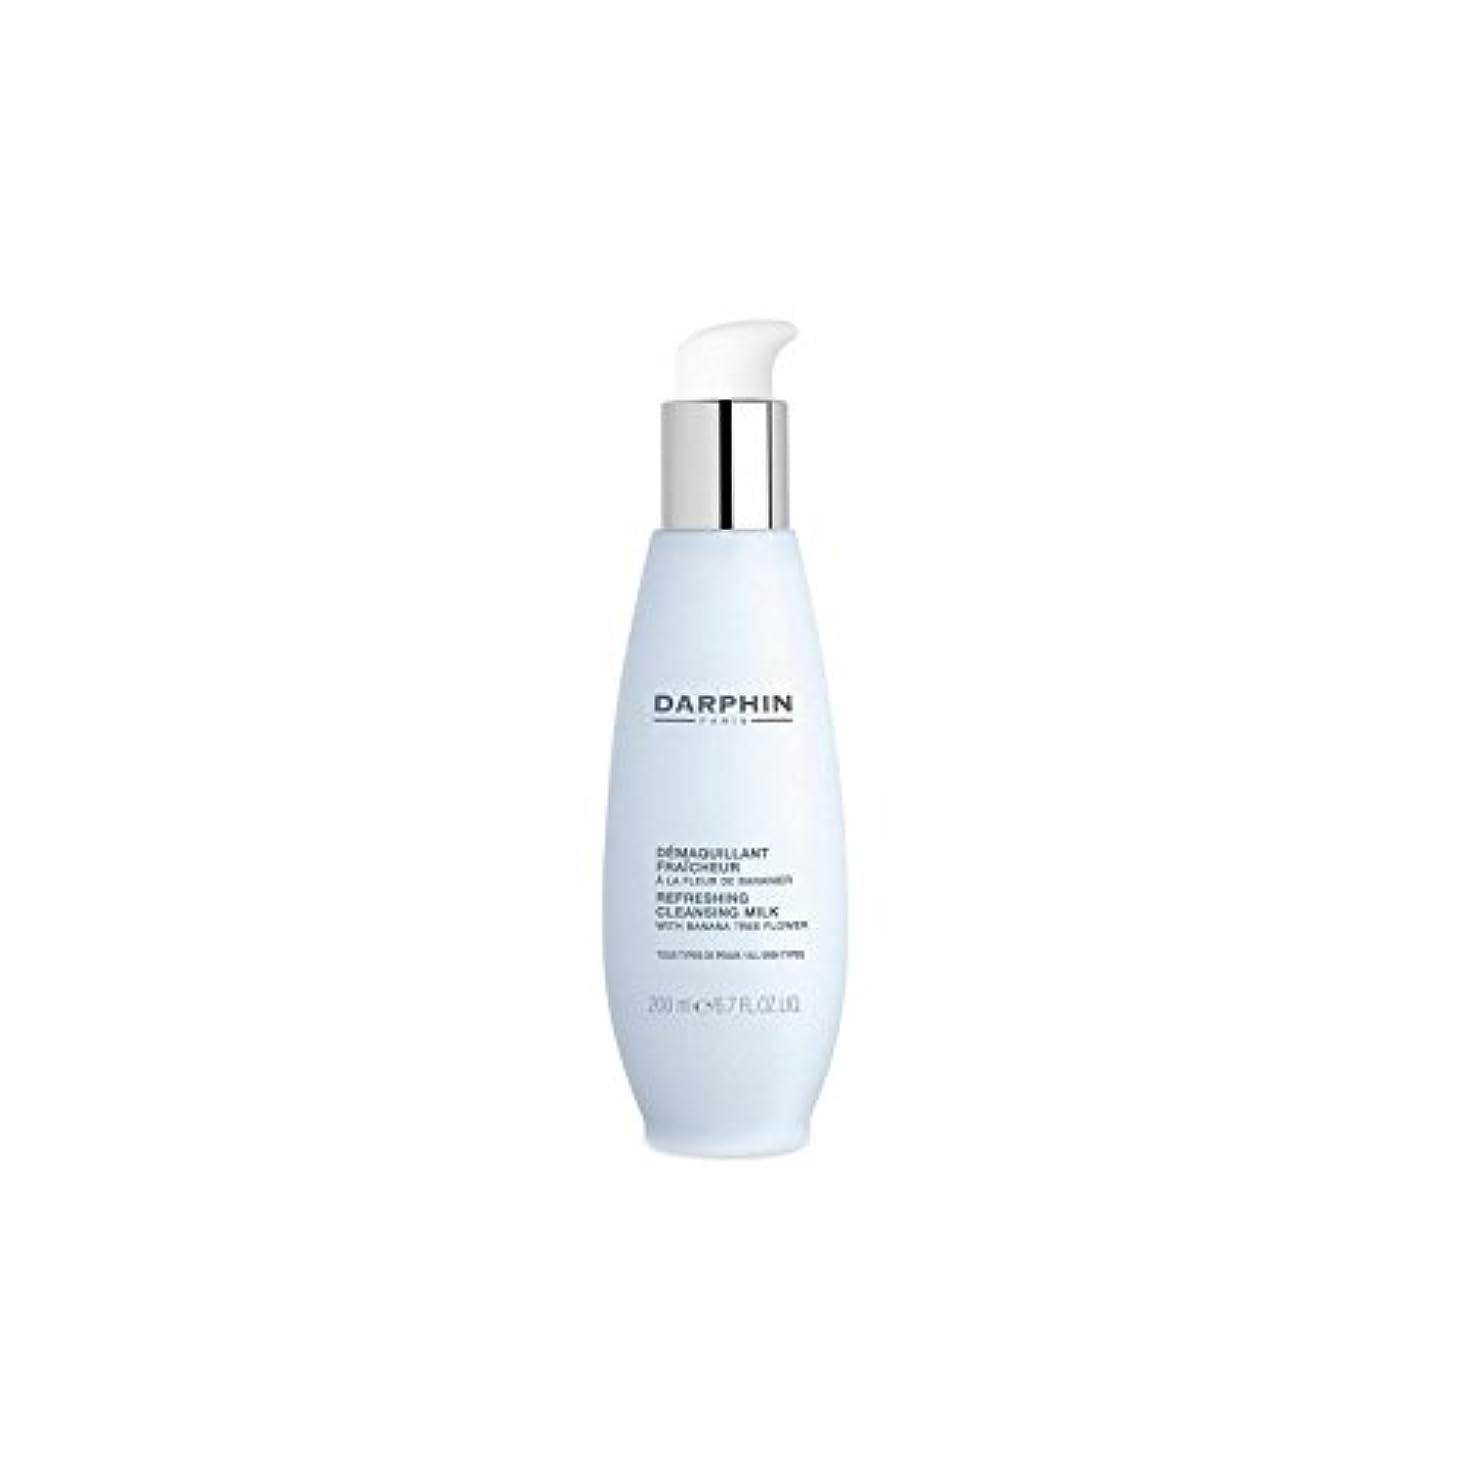 さわやかなクレンジングミルクをダルファン - 正常な皮膚のために(200ミリリットル) x2 - Darphin Refreshing Cleansing Milk - For Normal Skin (200ml) (...